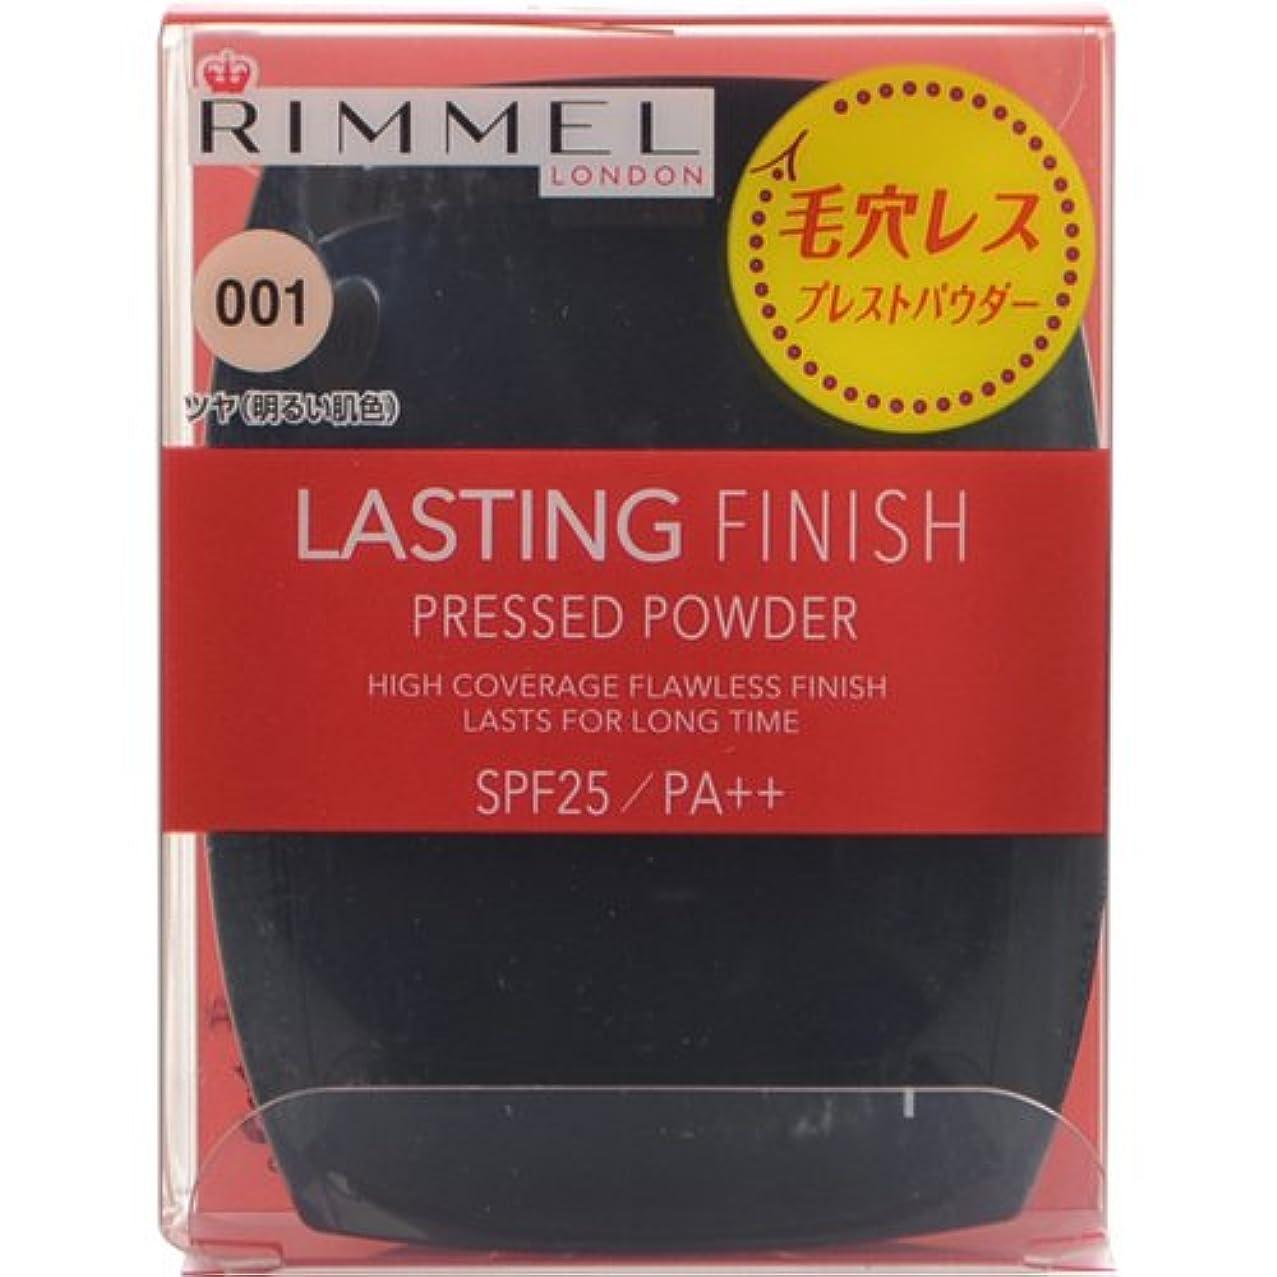 故障中ポータルデュアルリンメル ラスティングプレストパウダー001 明るい肌色ツヤ肌 7g SPF25?PA++